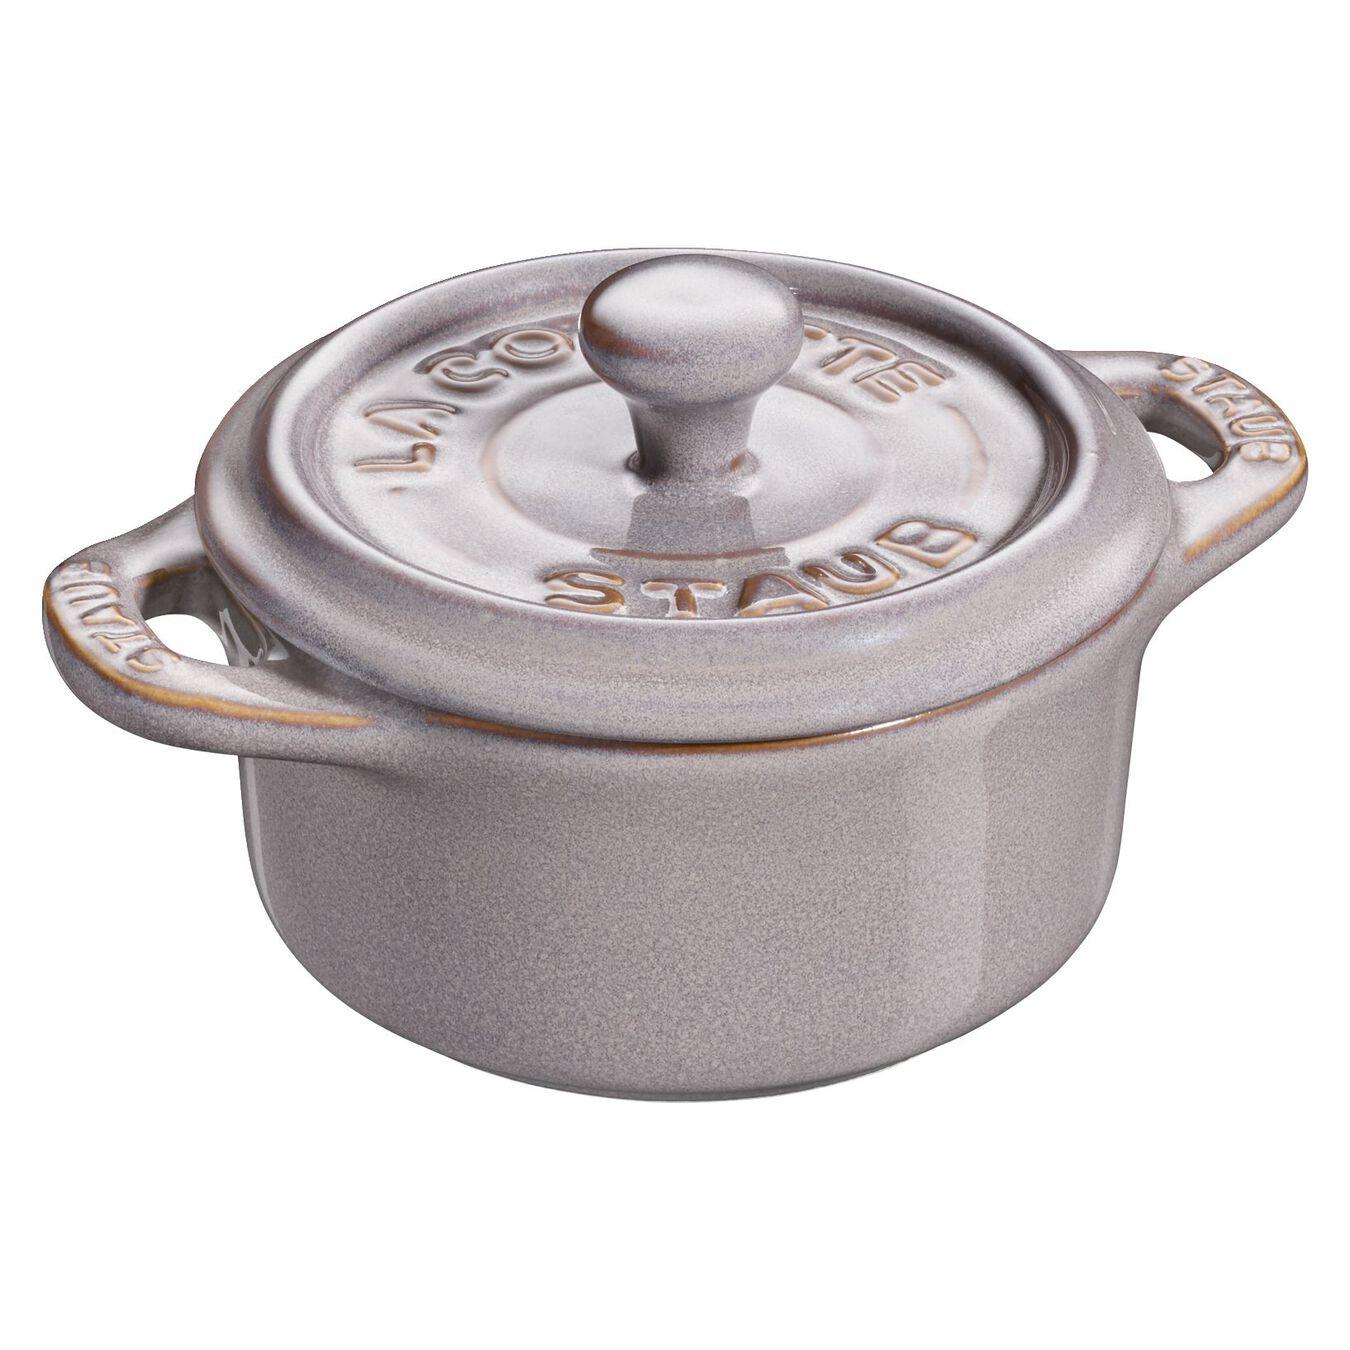 Minigryta 10 cm, Rund, Antik grå, Keramiskt,,large 1